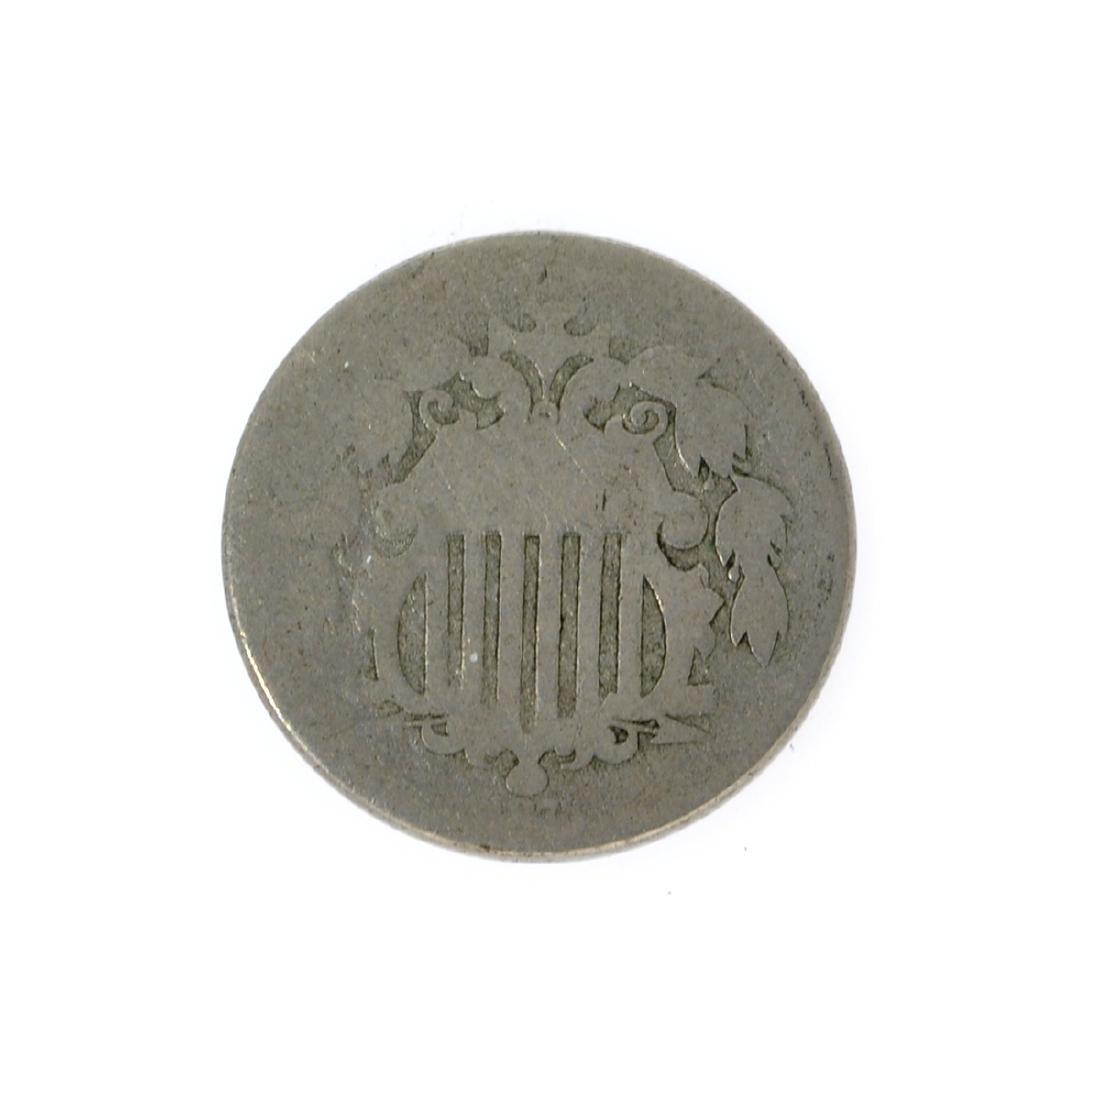 1873 Shield Nickel Coin